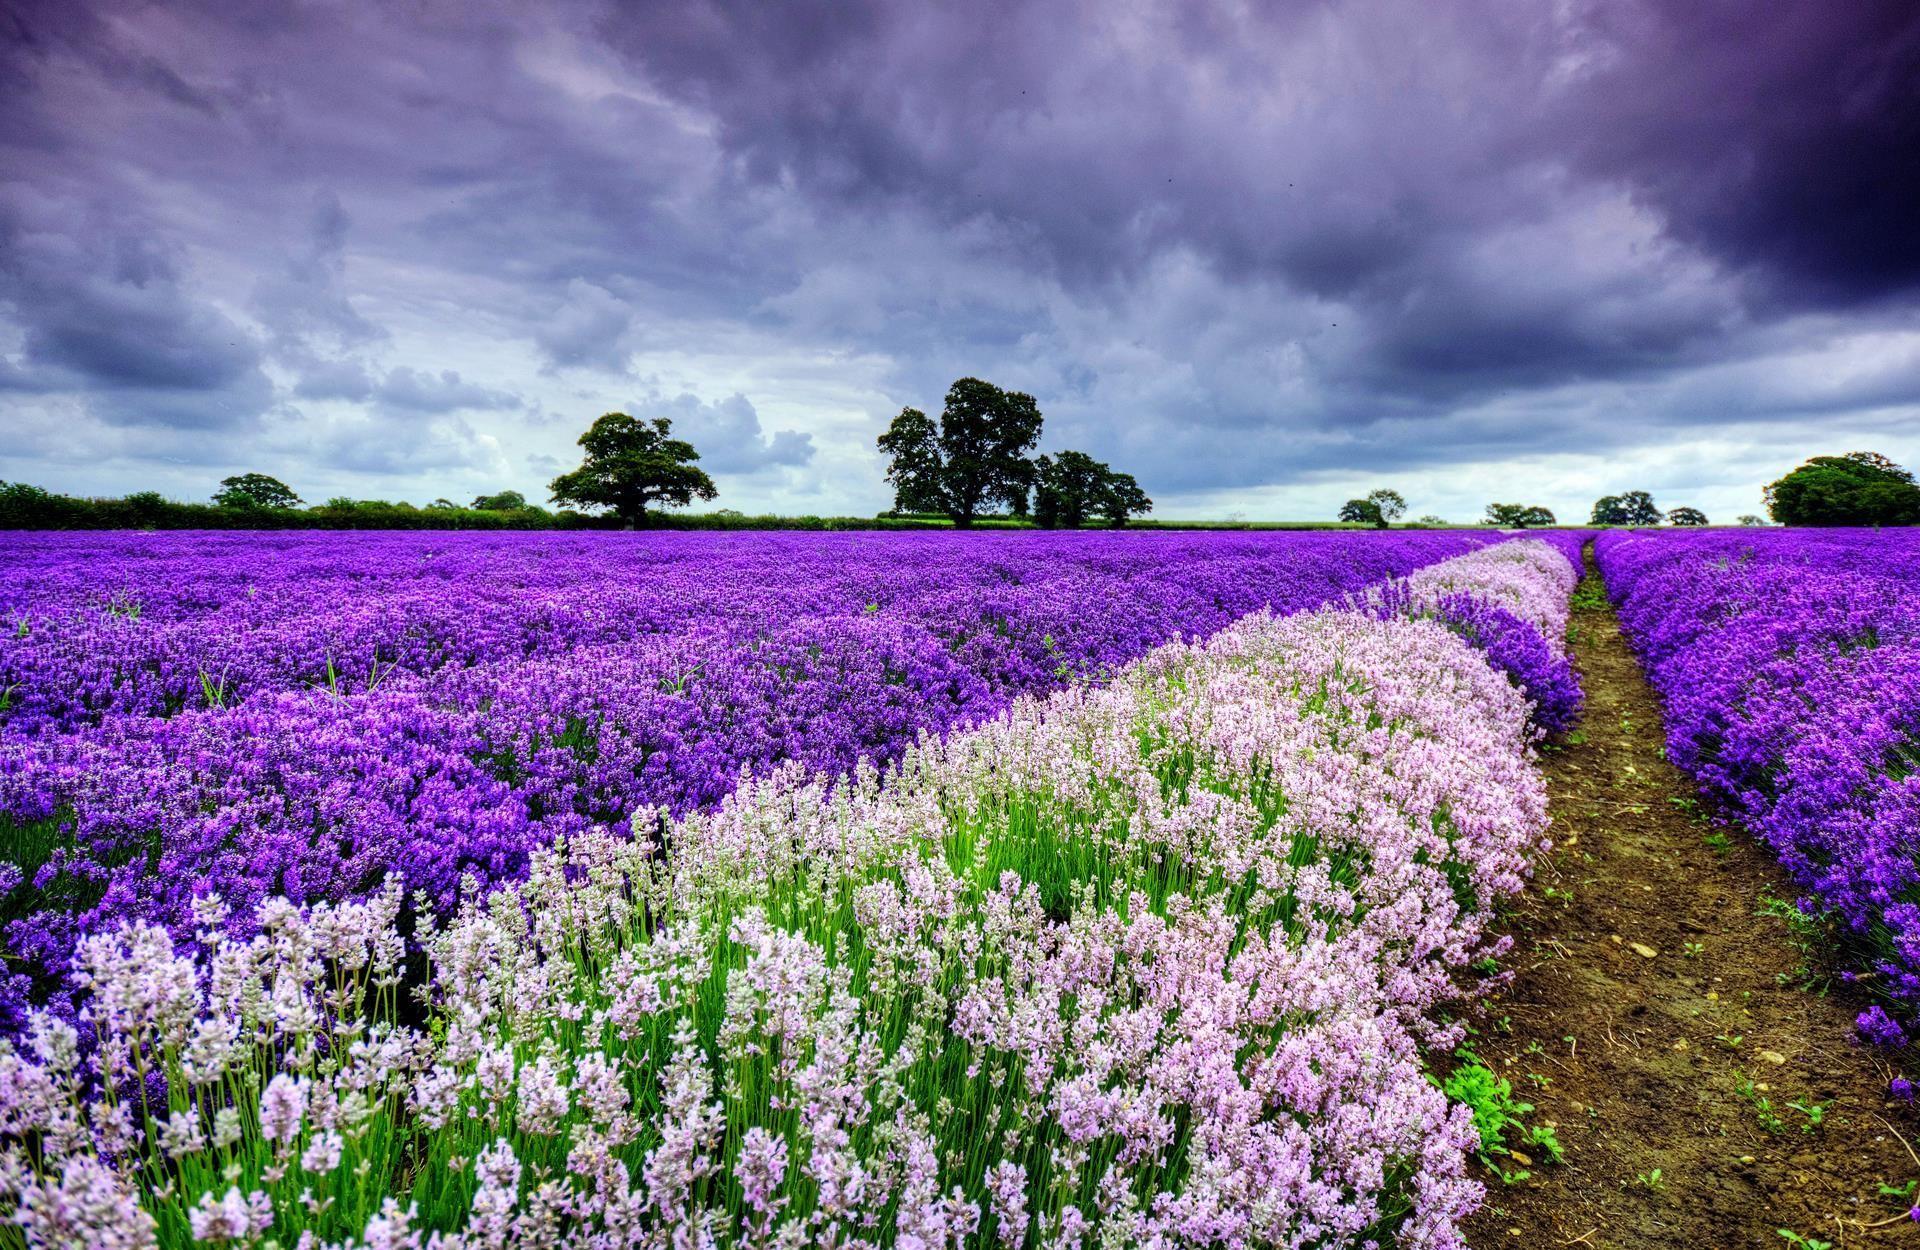 Des Fleurs Pour Le Bureau De Votre Ordinateur Fonds D Ecran Belle Nature Fleurs Violettes Et Blanches Paysages Printemps